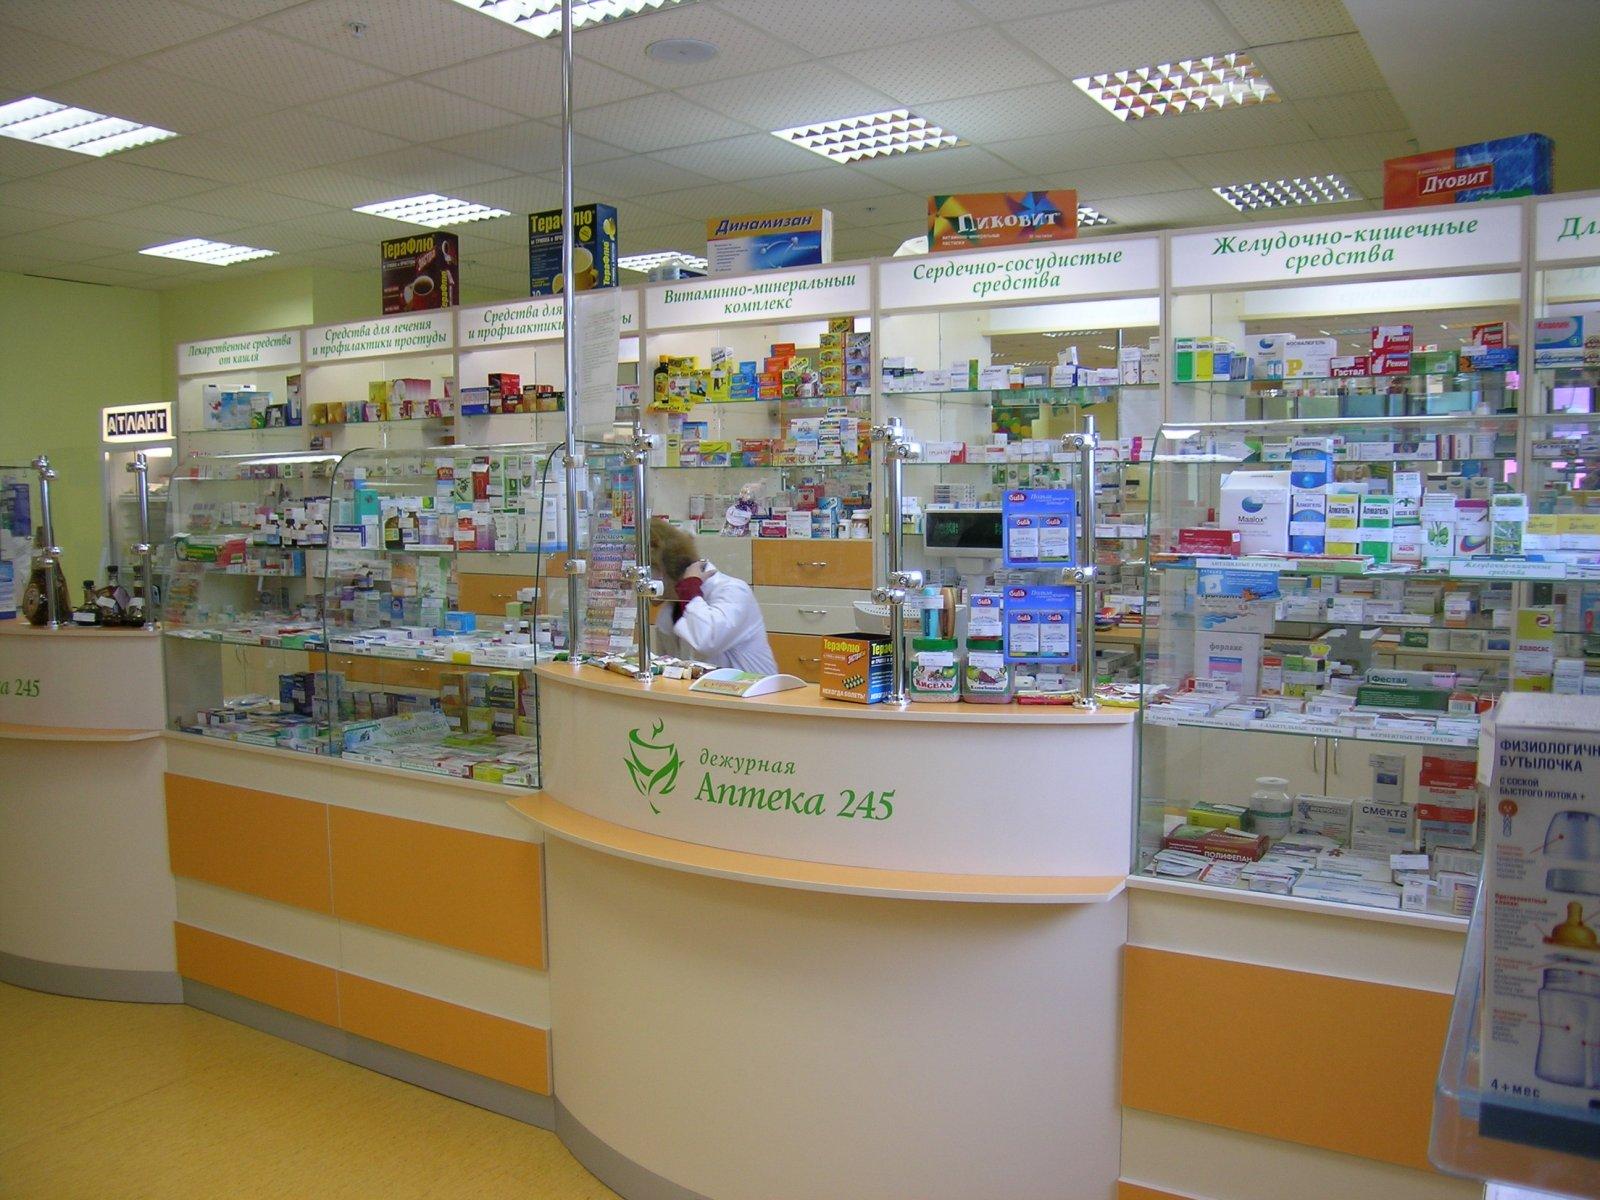 Дежурная аптека в новый год